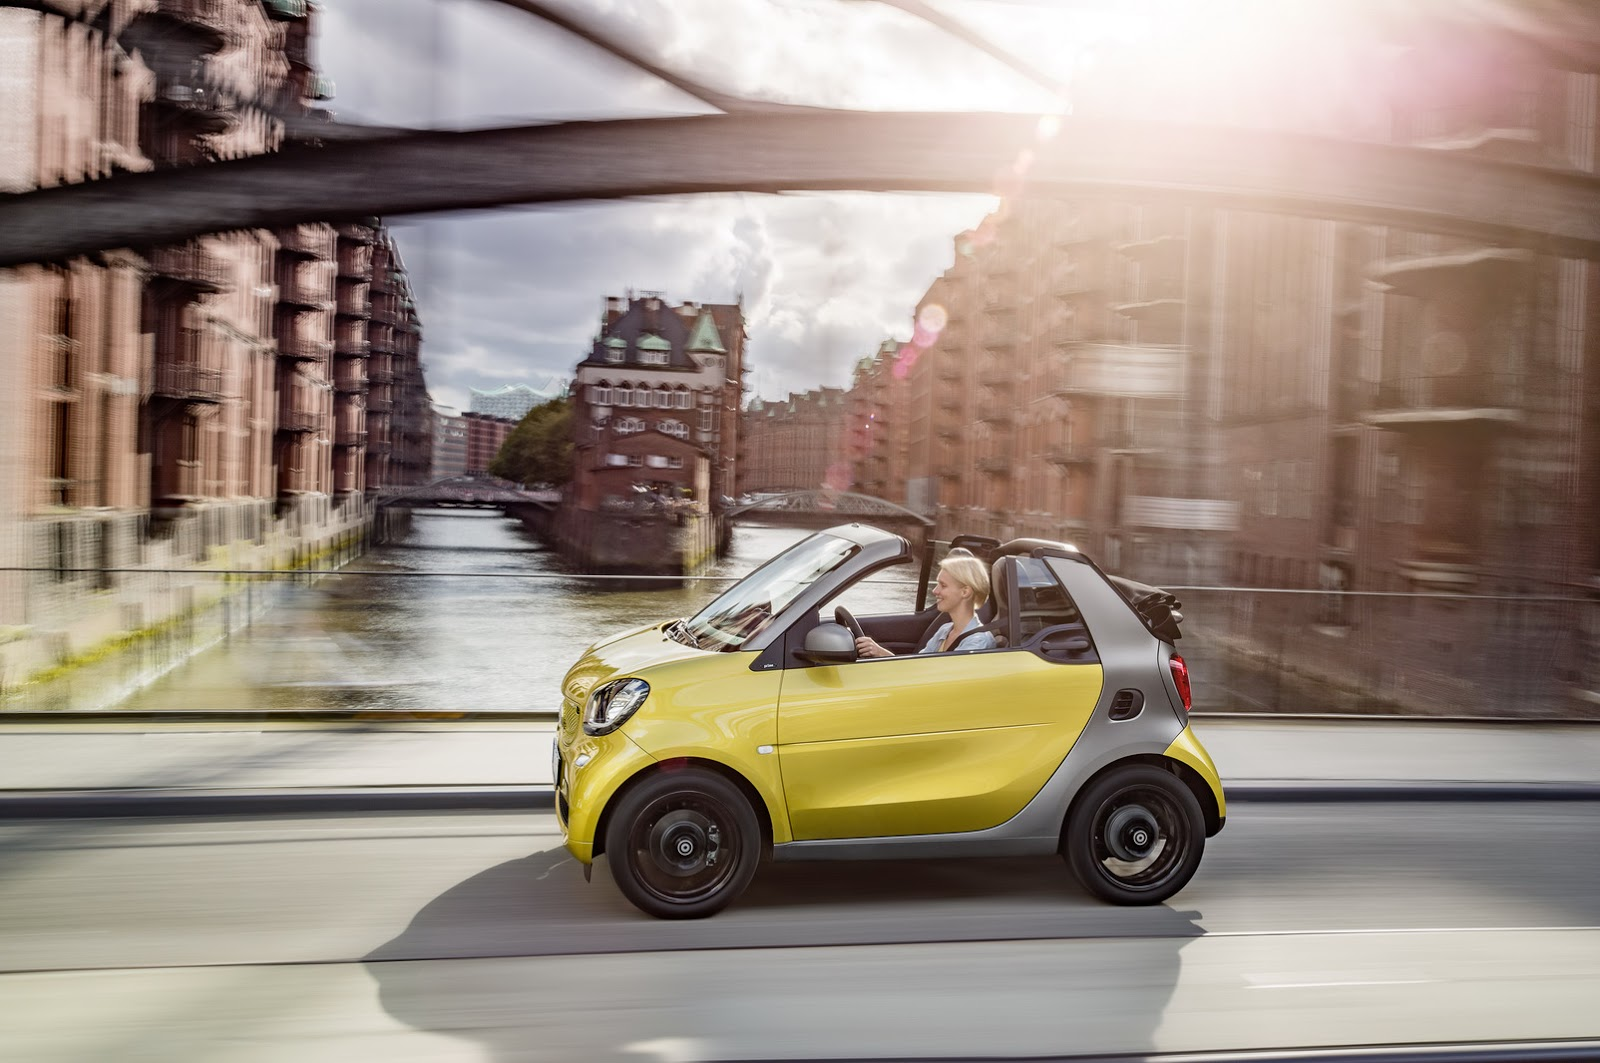 Ngoài Passion, Smart ForTwo Cabriolet tại thị trường Mỹ còn có 2 bản trang bị cao cấp hơn là Prime và Proxy. Nếu mua Smart ForTwo Cabriolet Proxy và một số tính năng tùy chọn khác, khách hàng sẽ phải trả số tiền ít nhất 21.000 USD, tương đương 471 triệu Đồng.